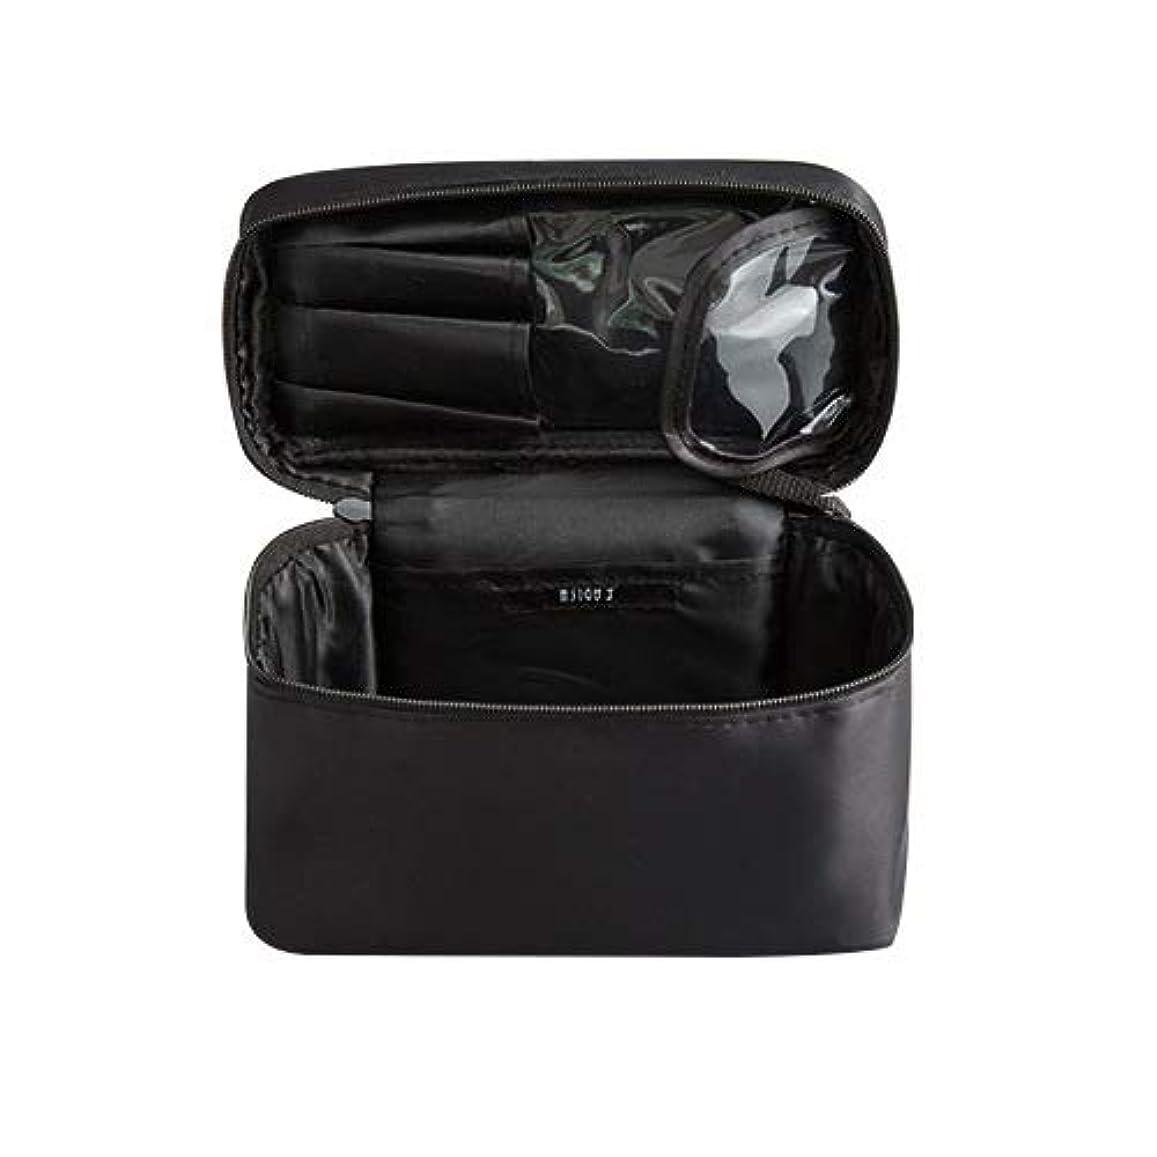 引き潮ルート銛メイクボックス プロ用 化粧バッグ 化粧箱 大容量 普段使い 出張 旅行 トラベルポーチ